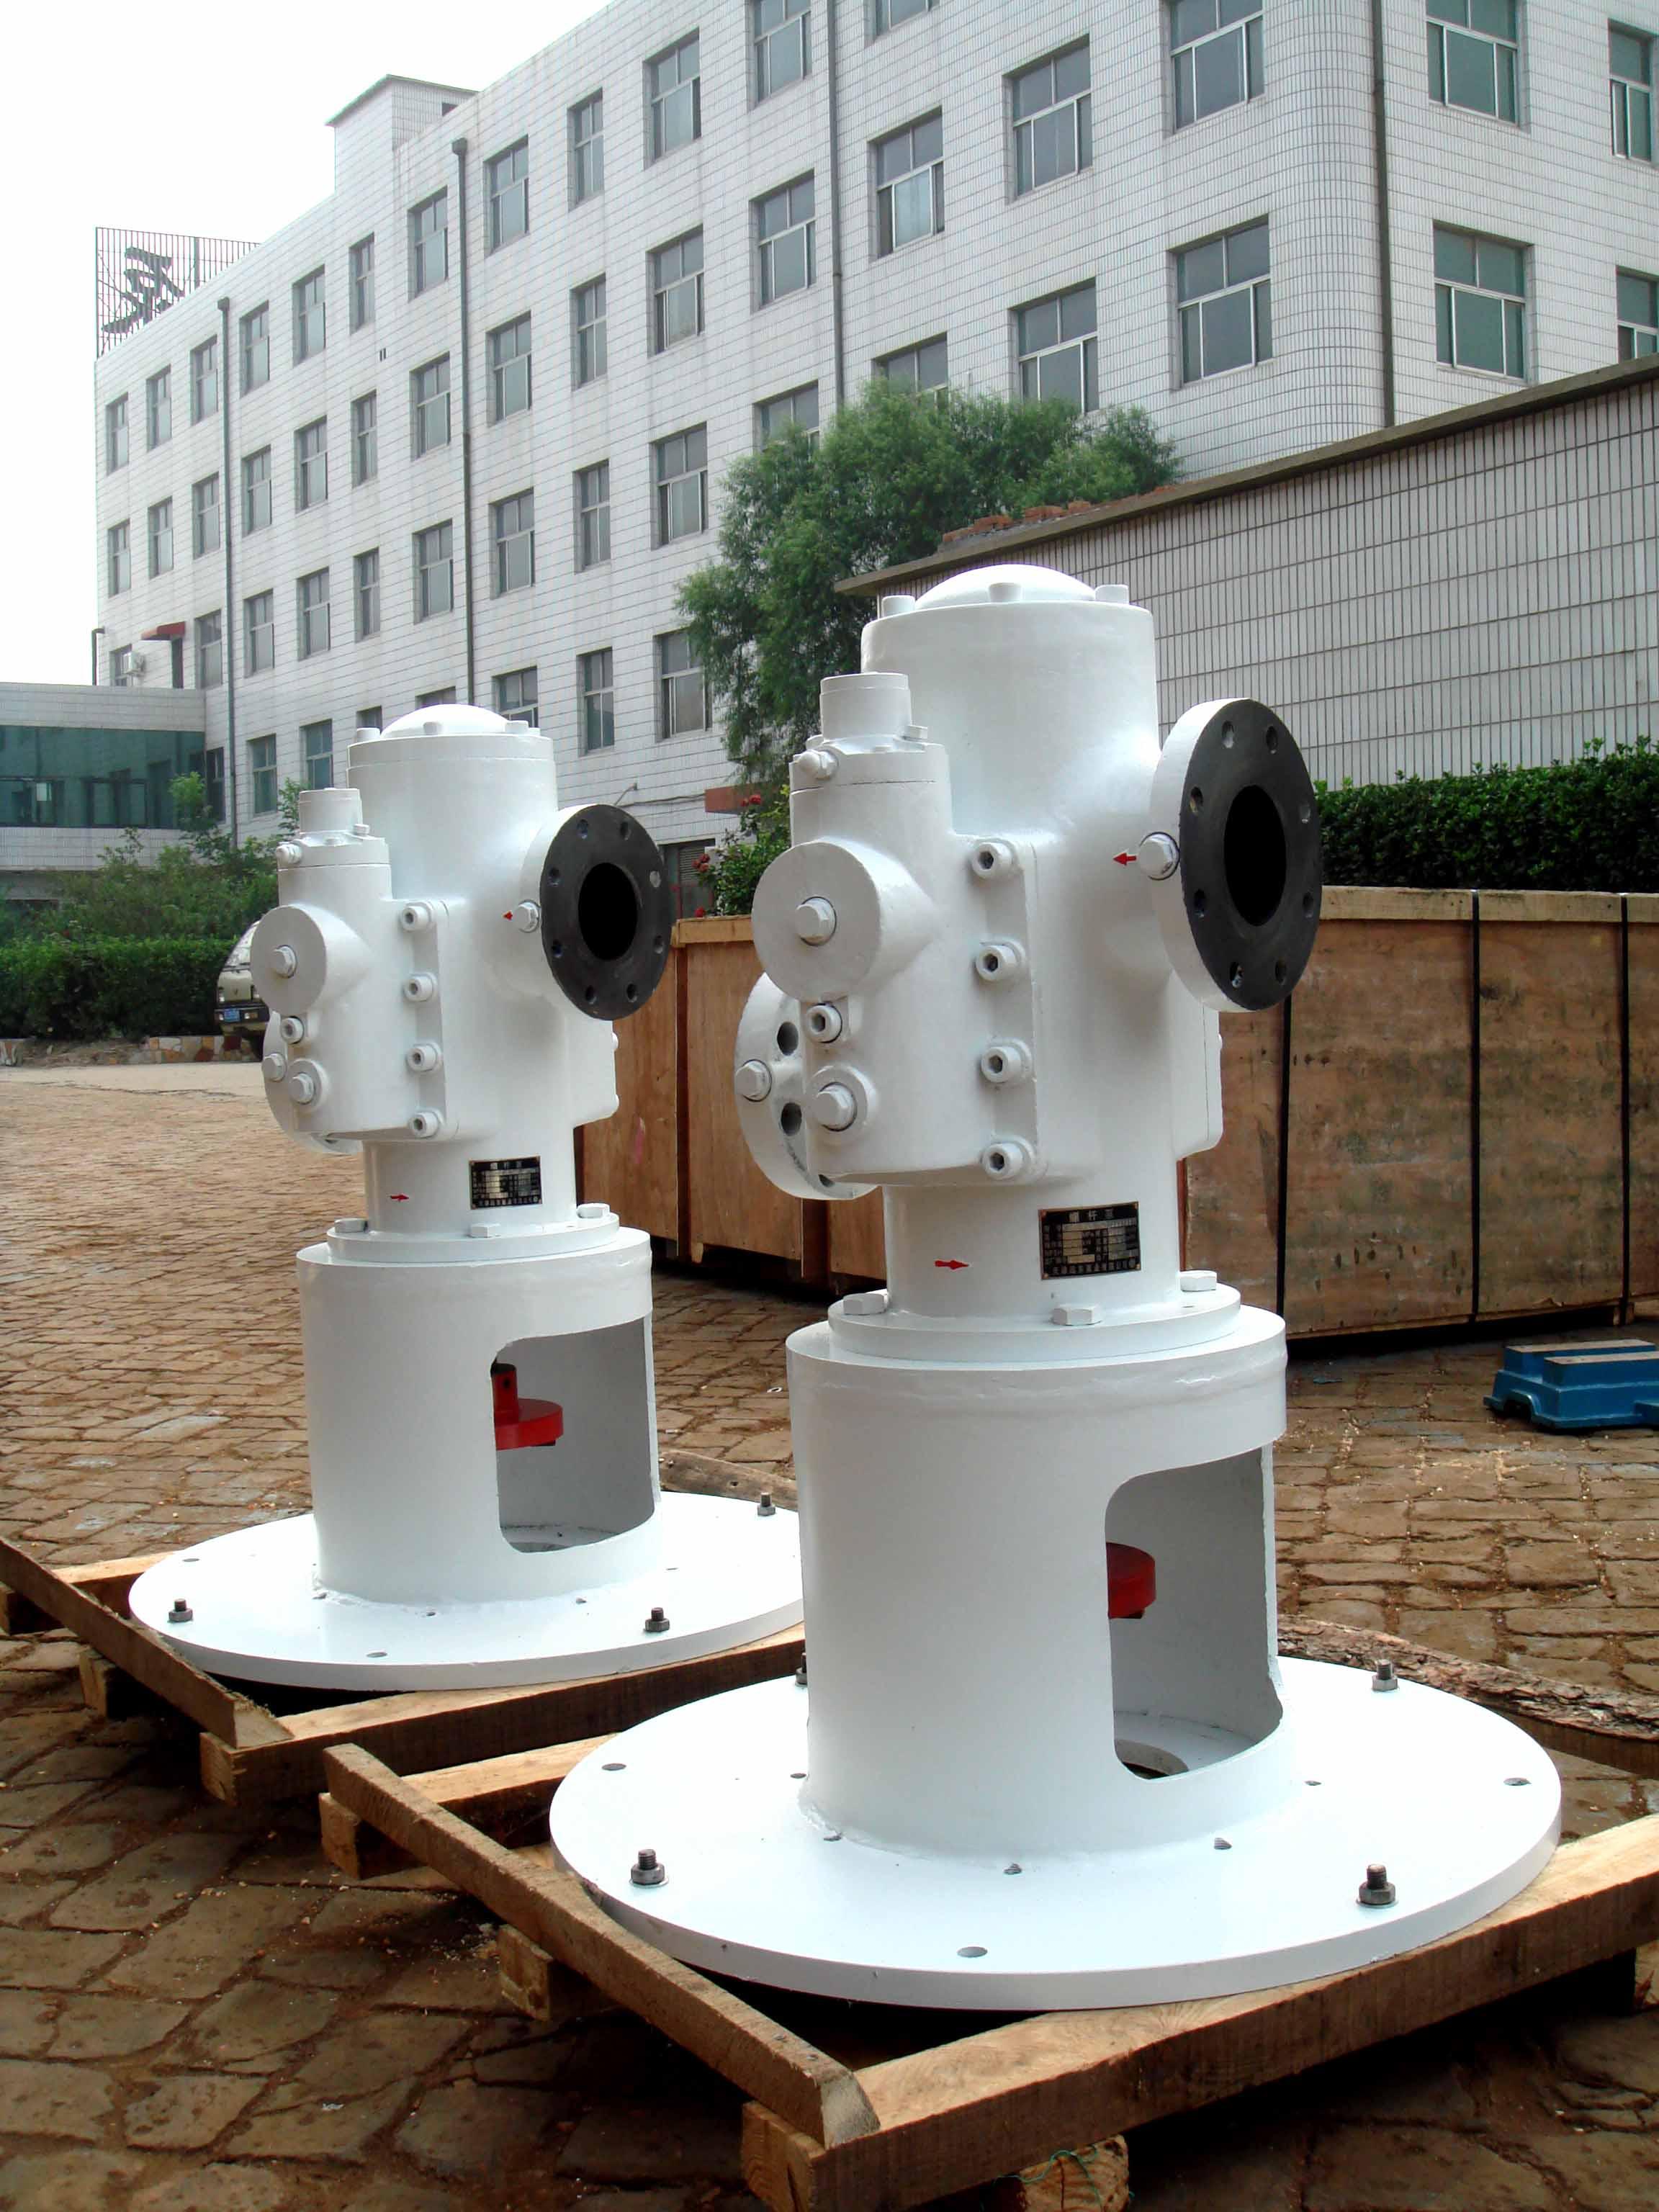 进口三螺杆泵如何用国产三螺杆泵品牌代替